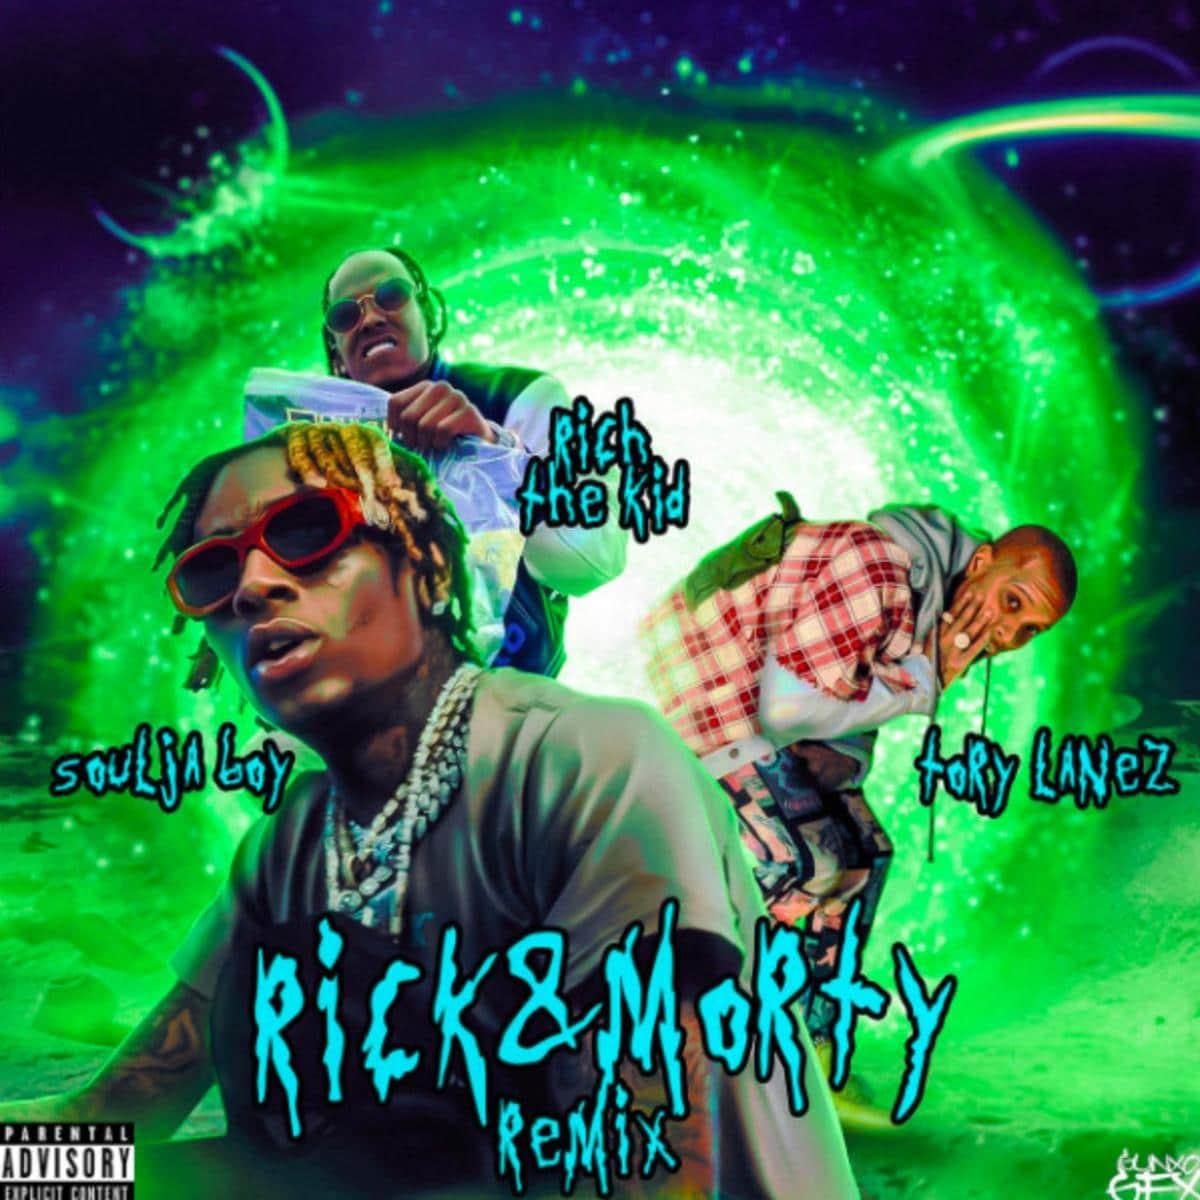 Soulja Boy - Rick N Morty (Remix) Feat. Rich The Kid & Tory Lanez